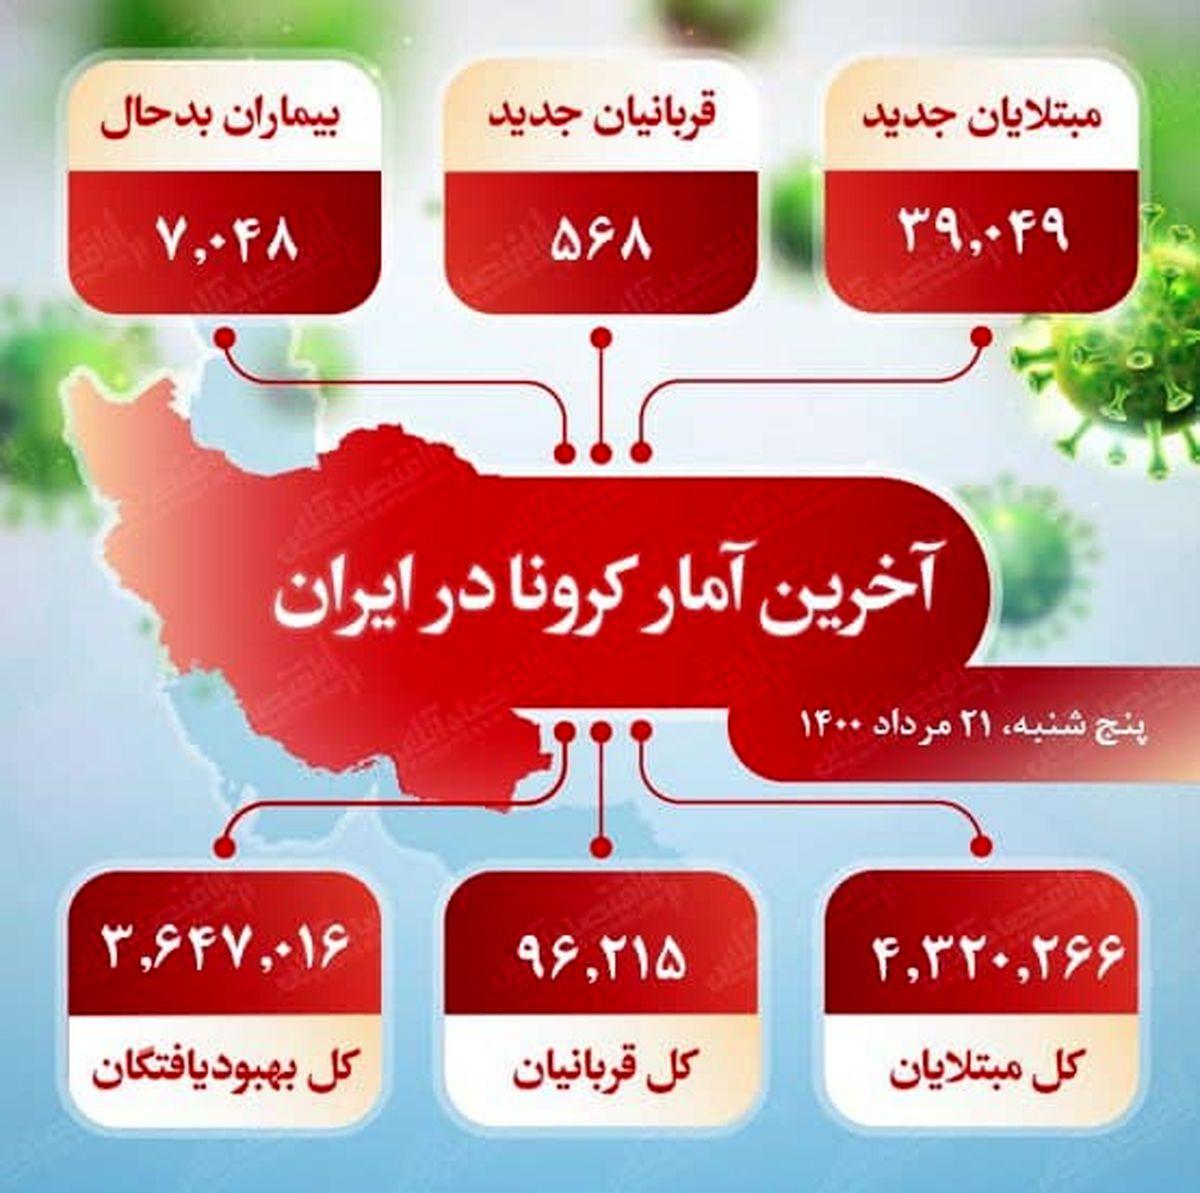 آخرین آمار کرونا در ایران (۱۴۰۰/۵/۲۱)